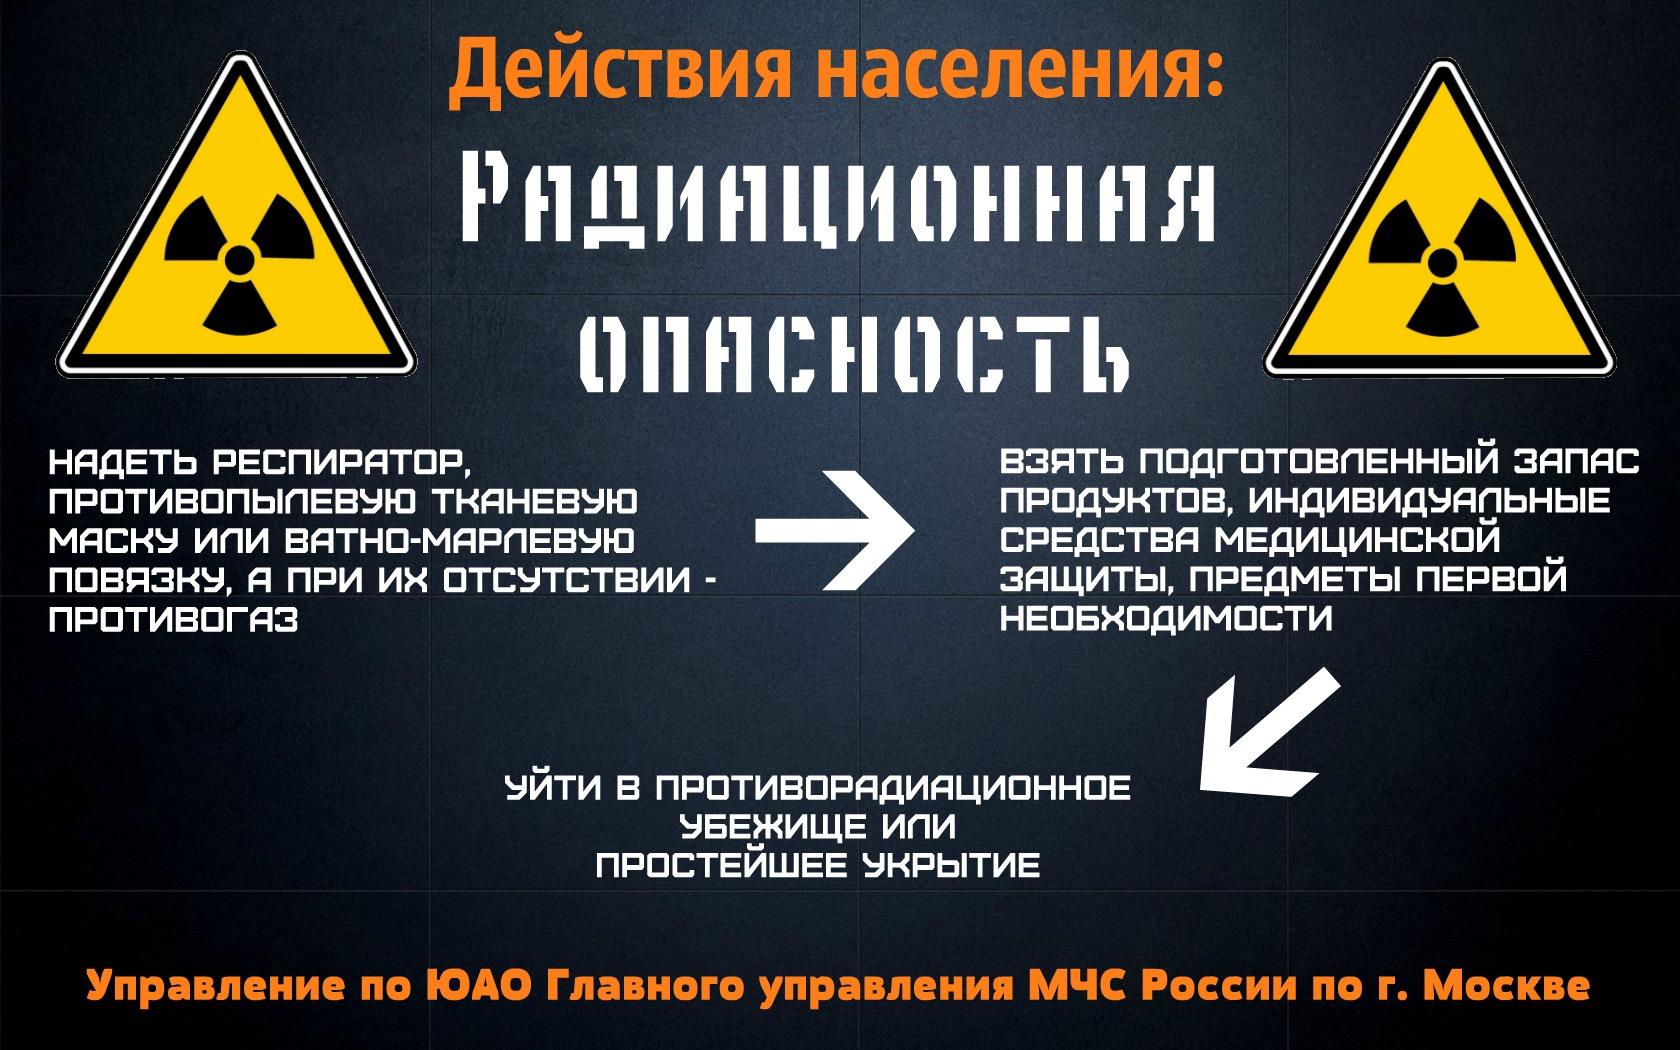 Оформить медицинскую книжку Москва Западное Бирюлёво юао